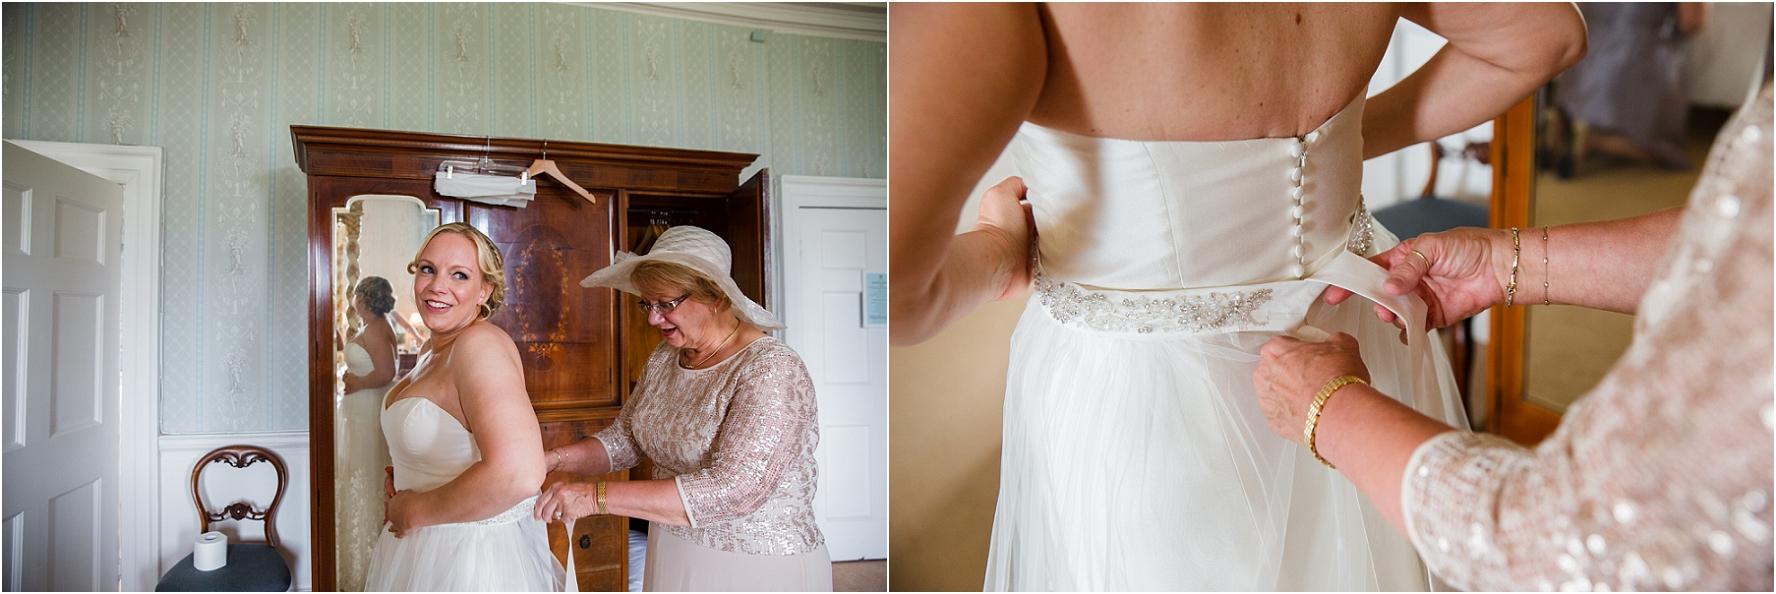 wedding-photography-norwood-park-14